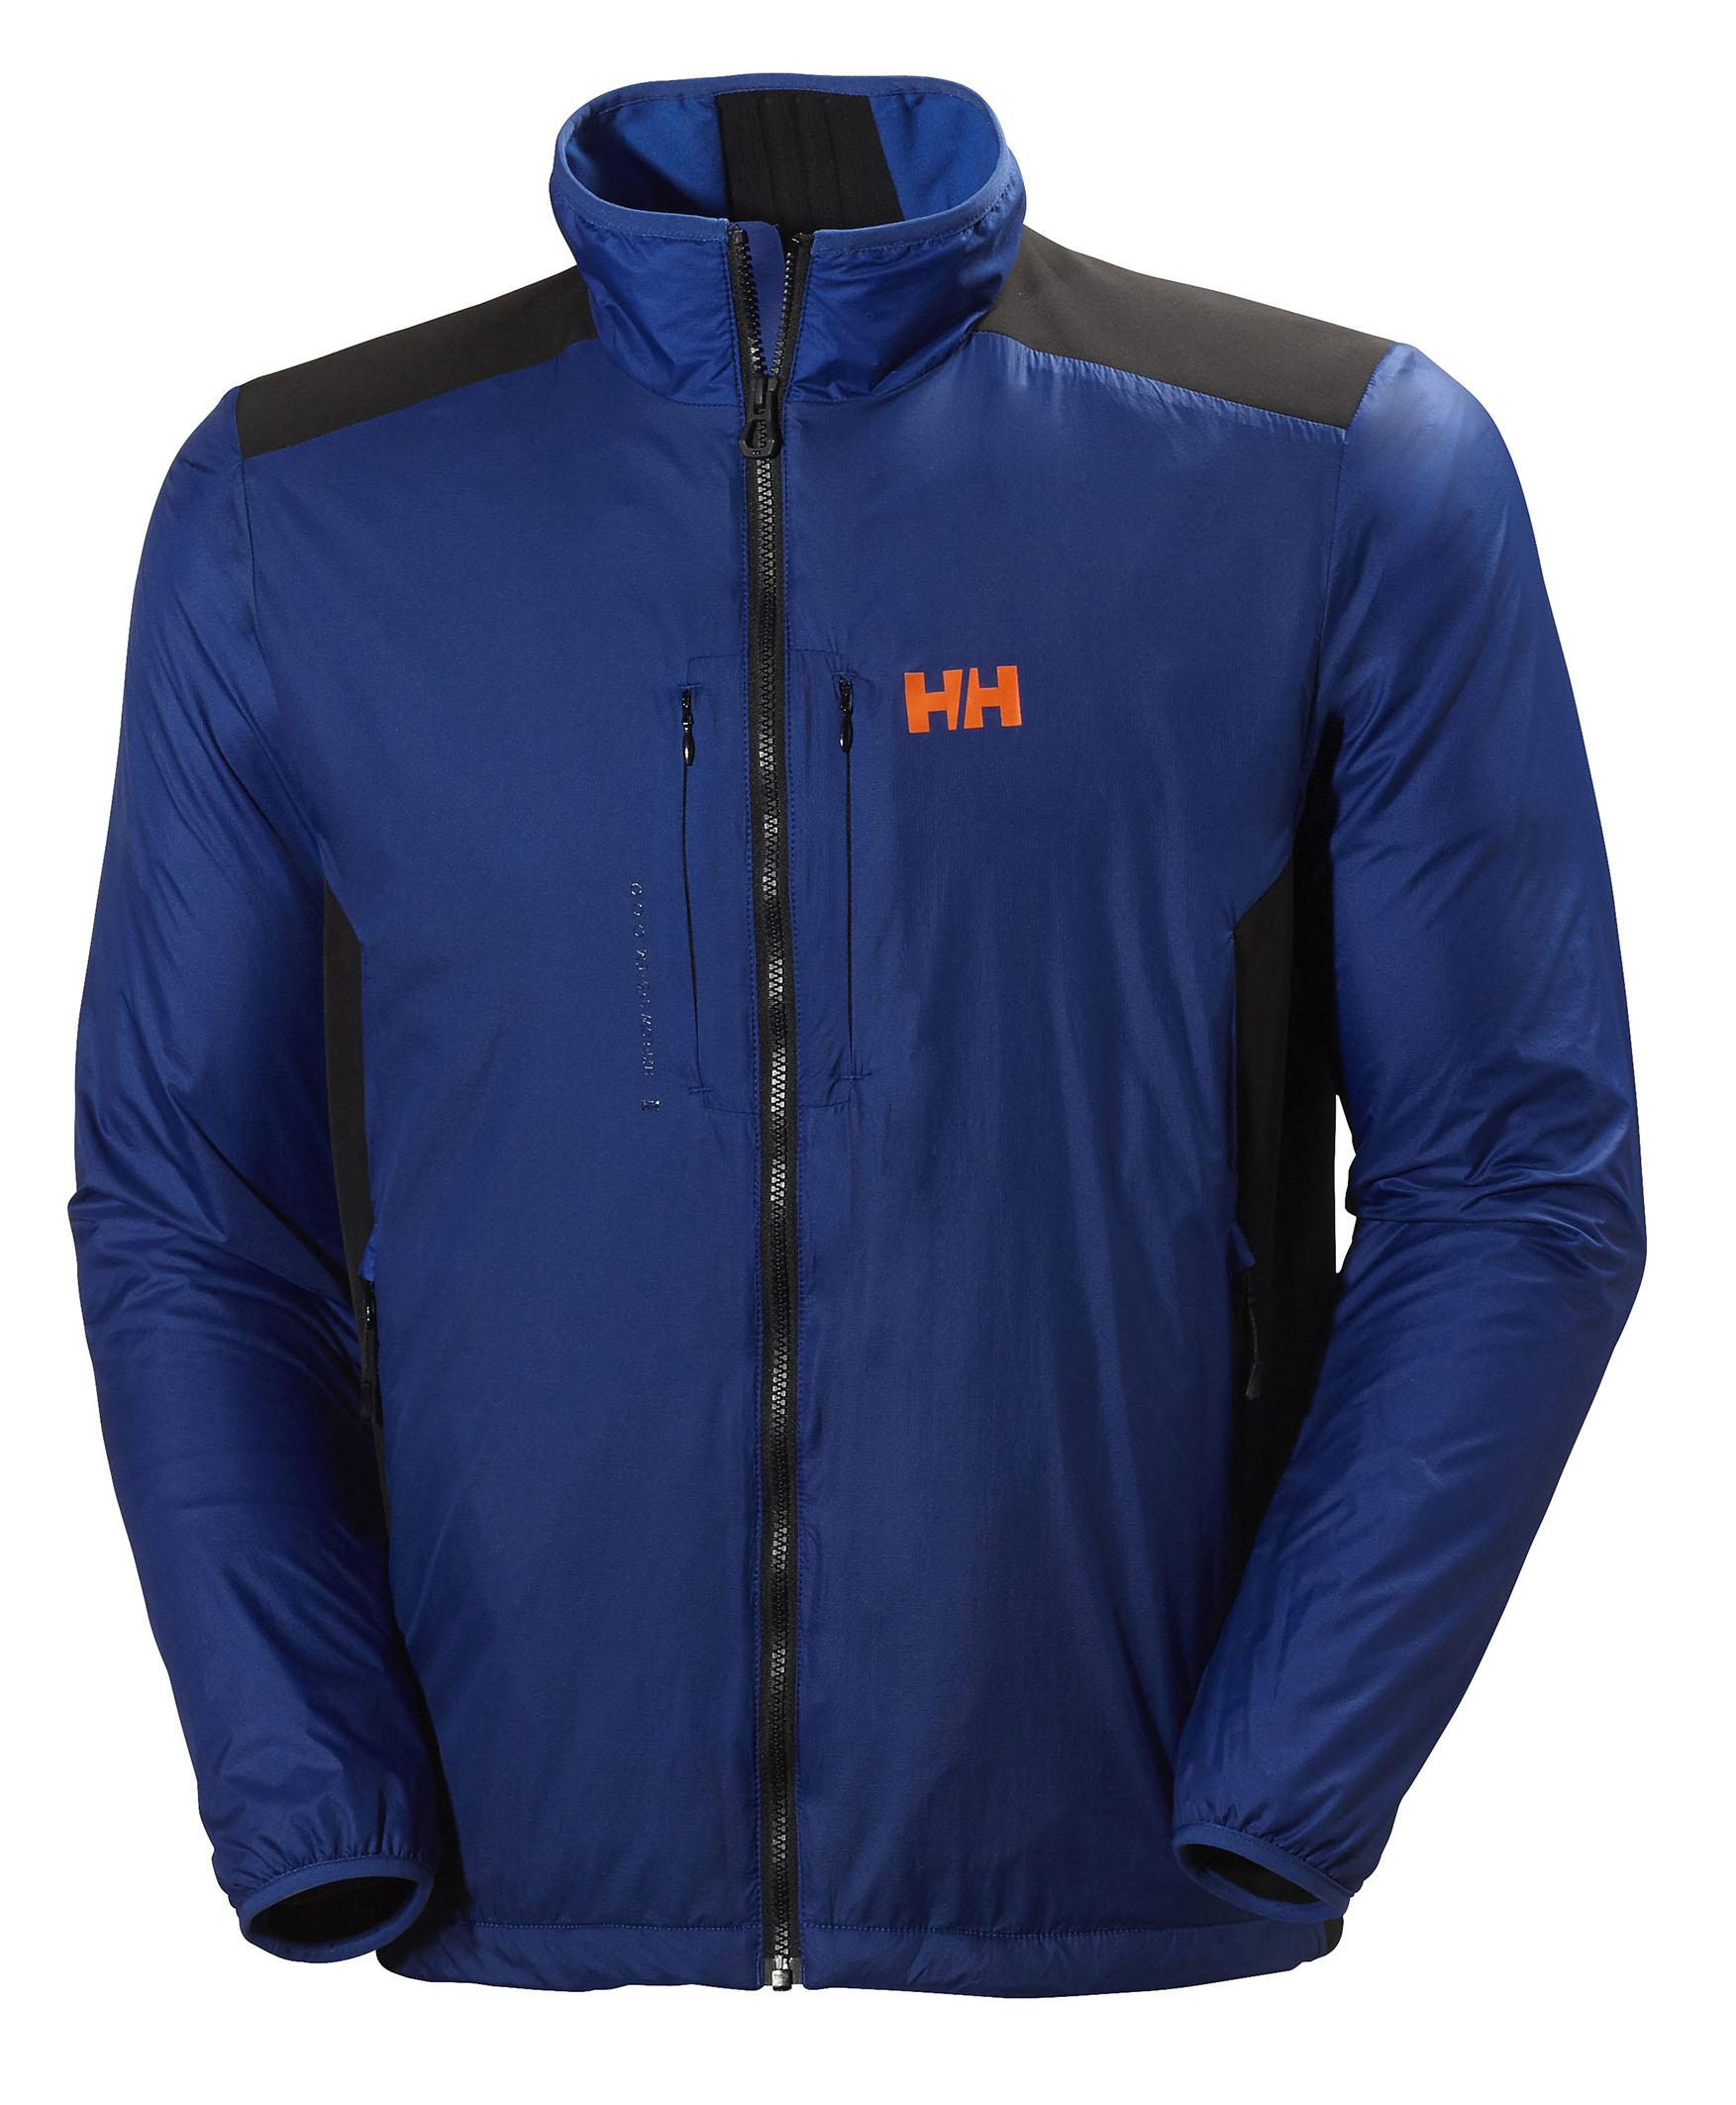 Este modelo constituye una versátil y técnica chaqueta ideal para actividades FOTO: Helly Hansen